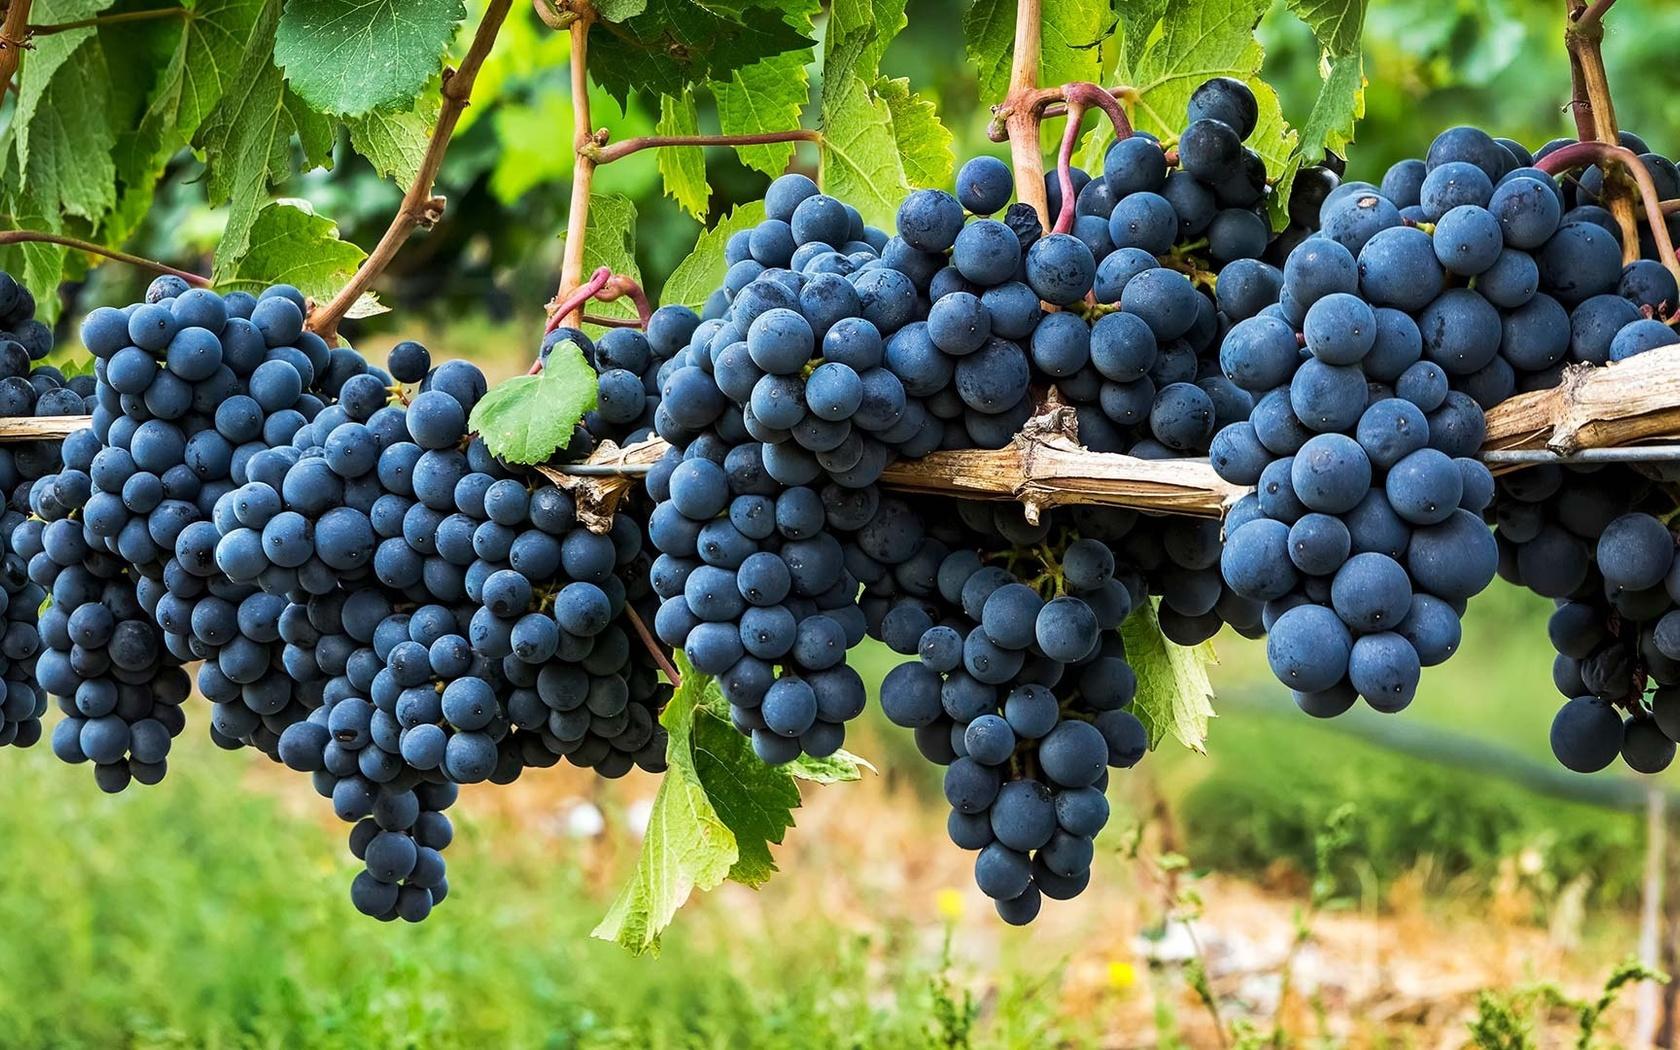 Виноград саперави северный: описание сорта, характеристики и фото selo.guru — интернет портал о сельском хозяйстве